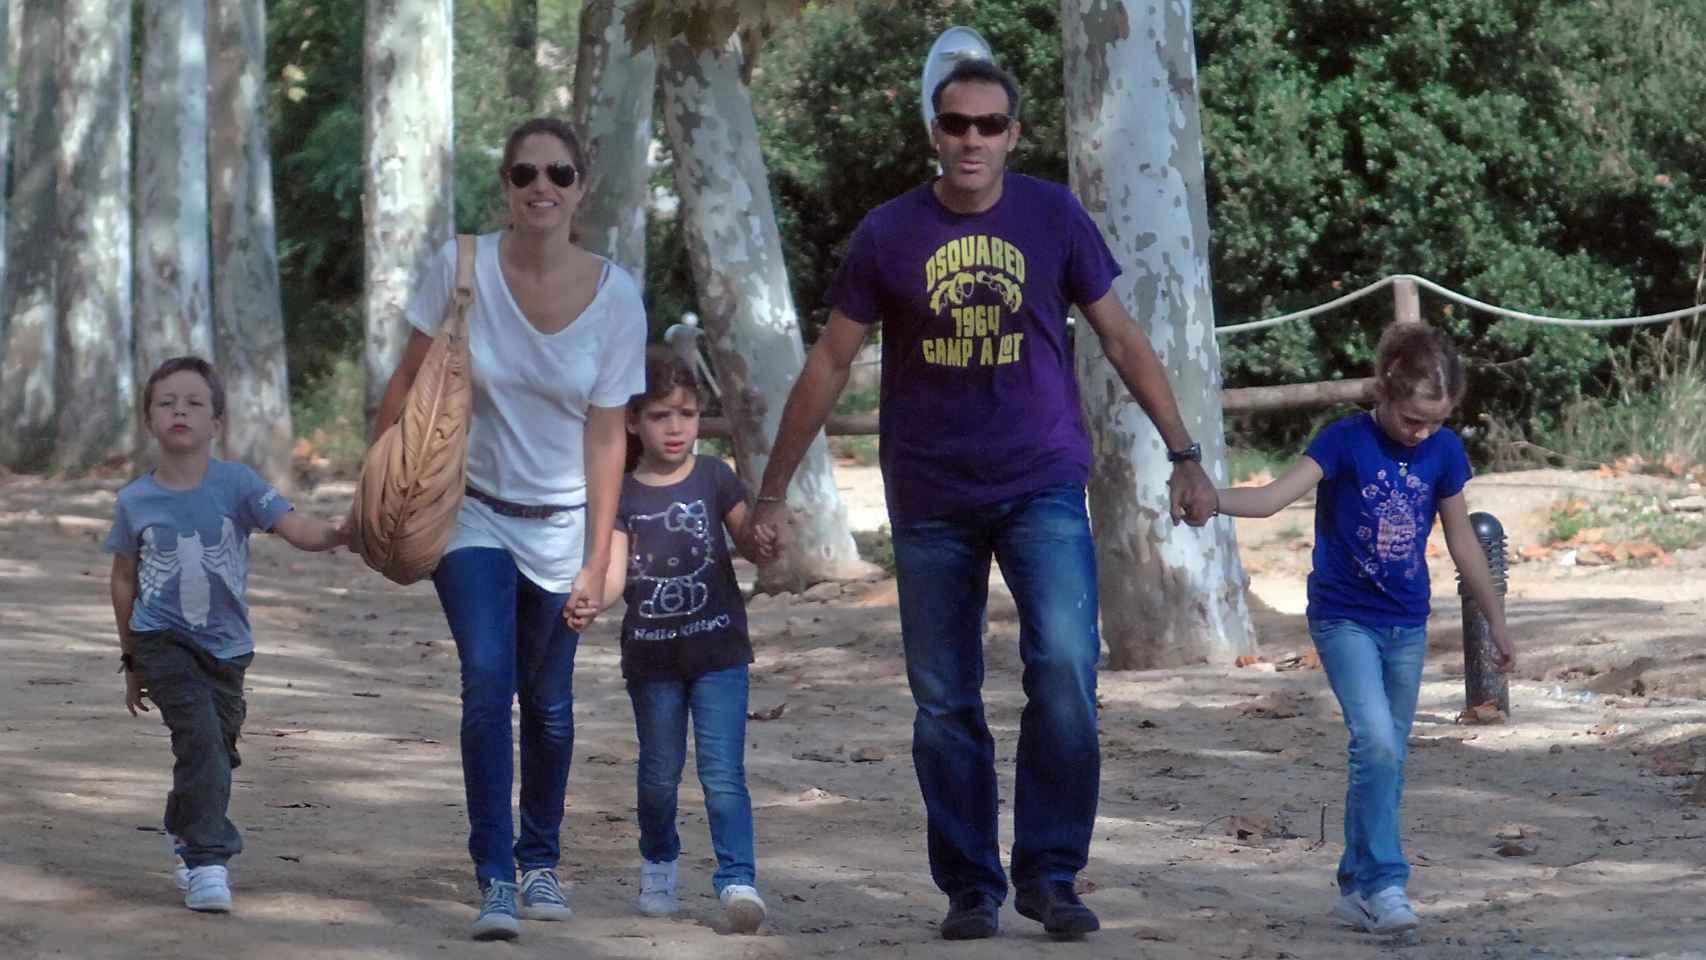 La familia al completo disfrutando en un parque de aventuras.